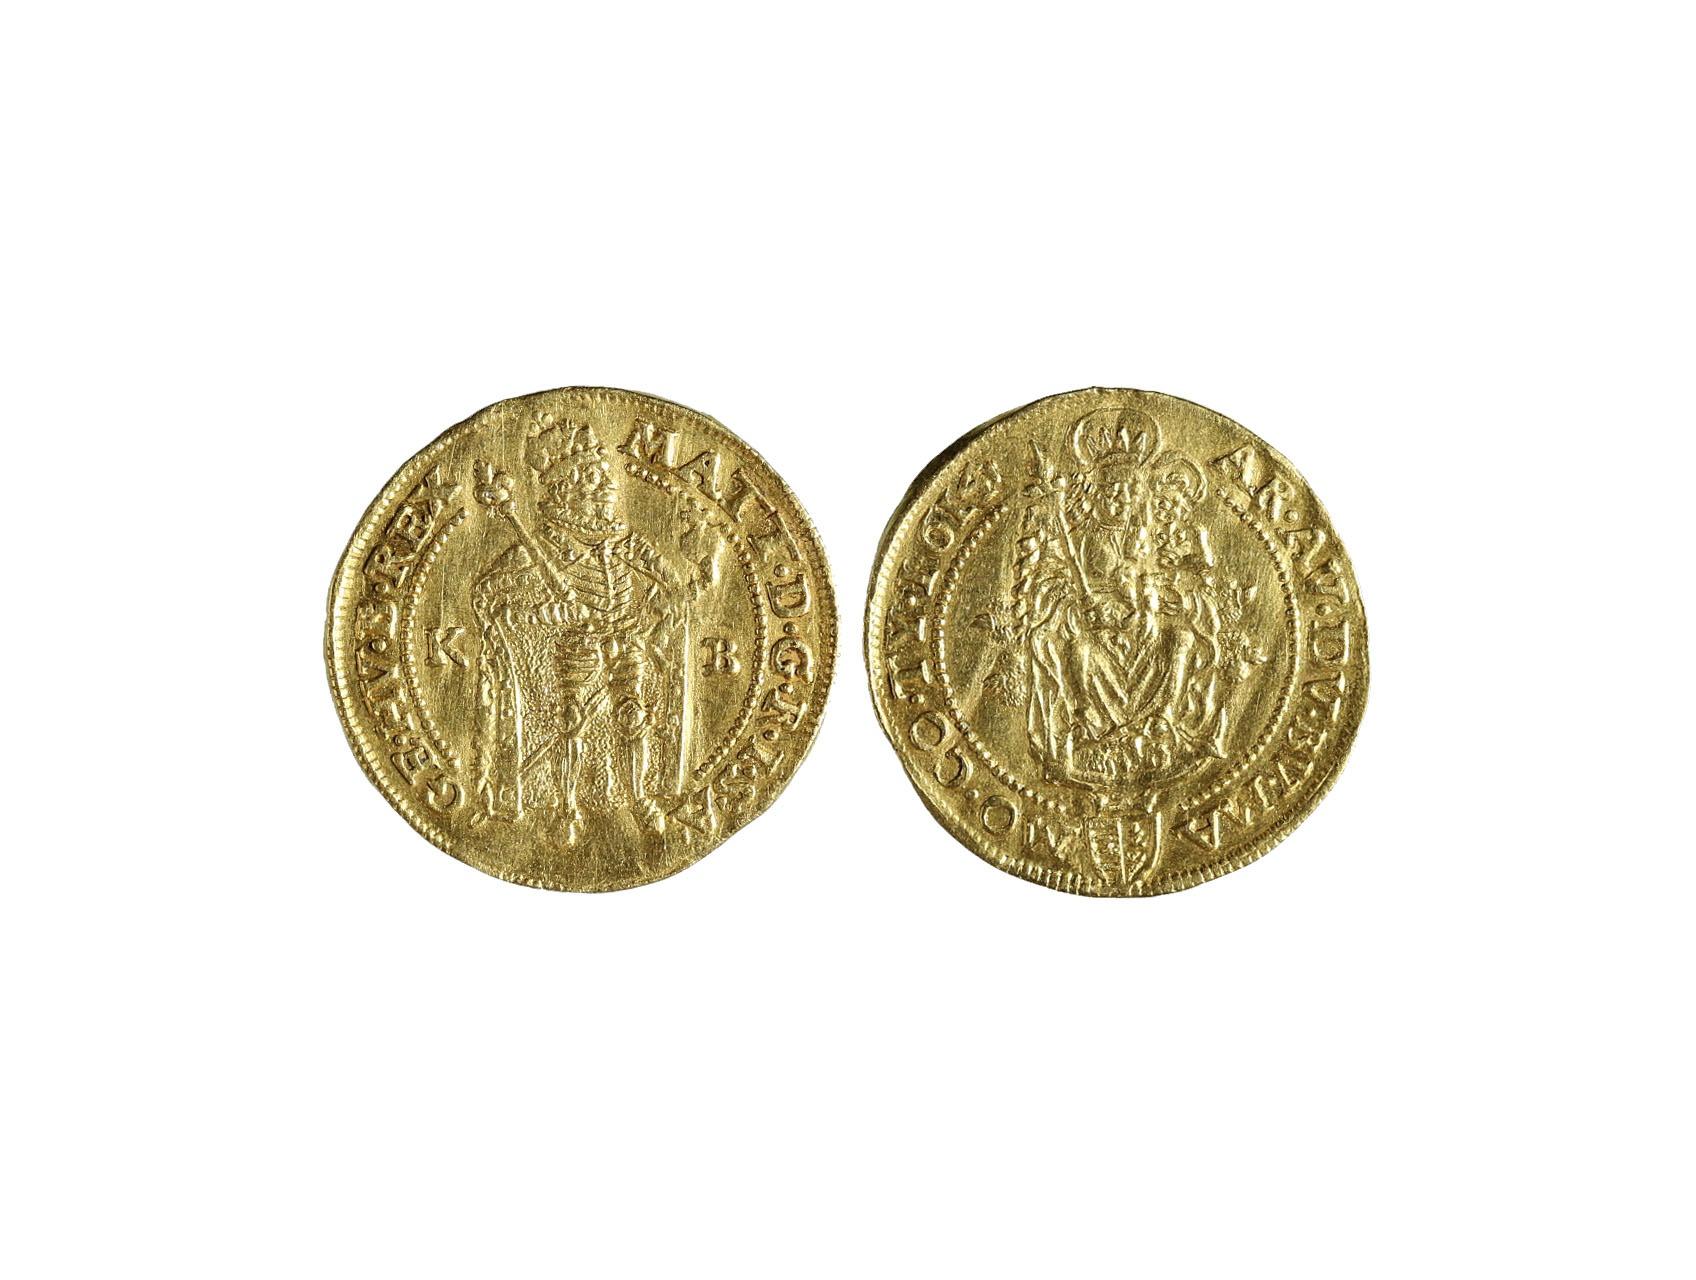 Matyáš II. 1611-1619 - Dukát 1614 K.B. mincovna Kremnice, váha 3,43g, nepatrně zvlněn